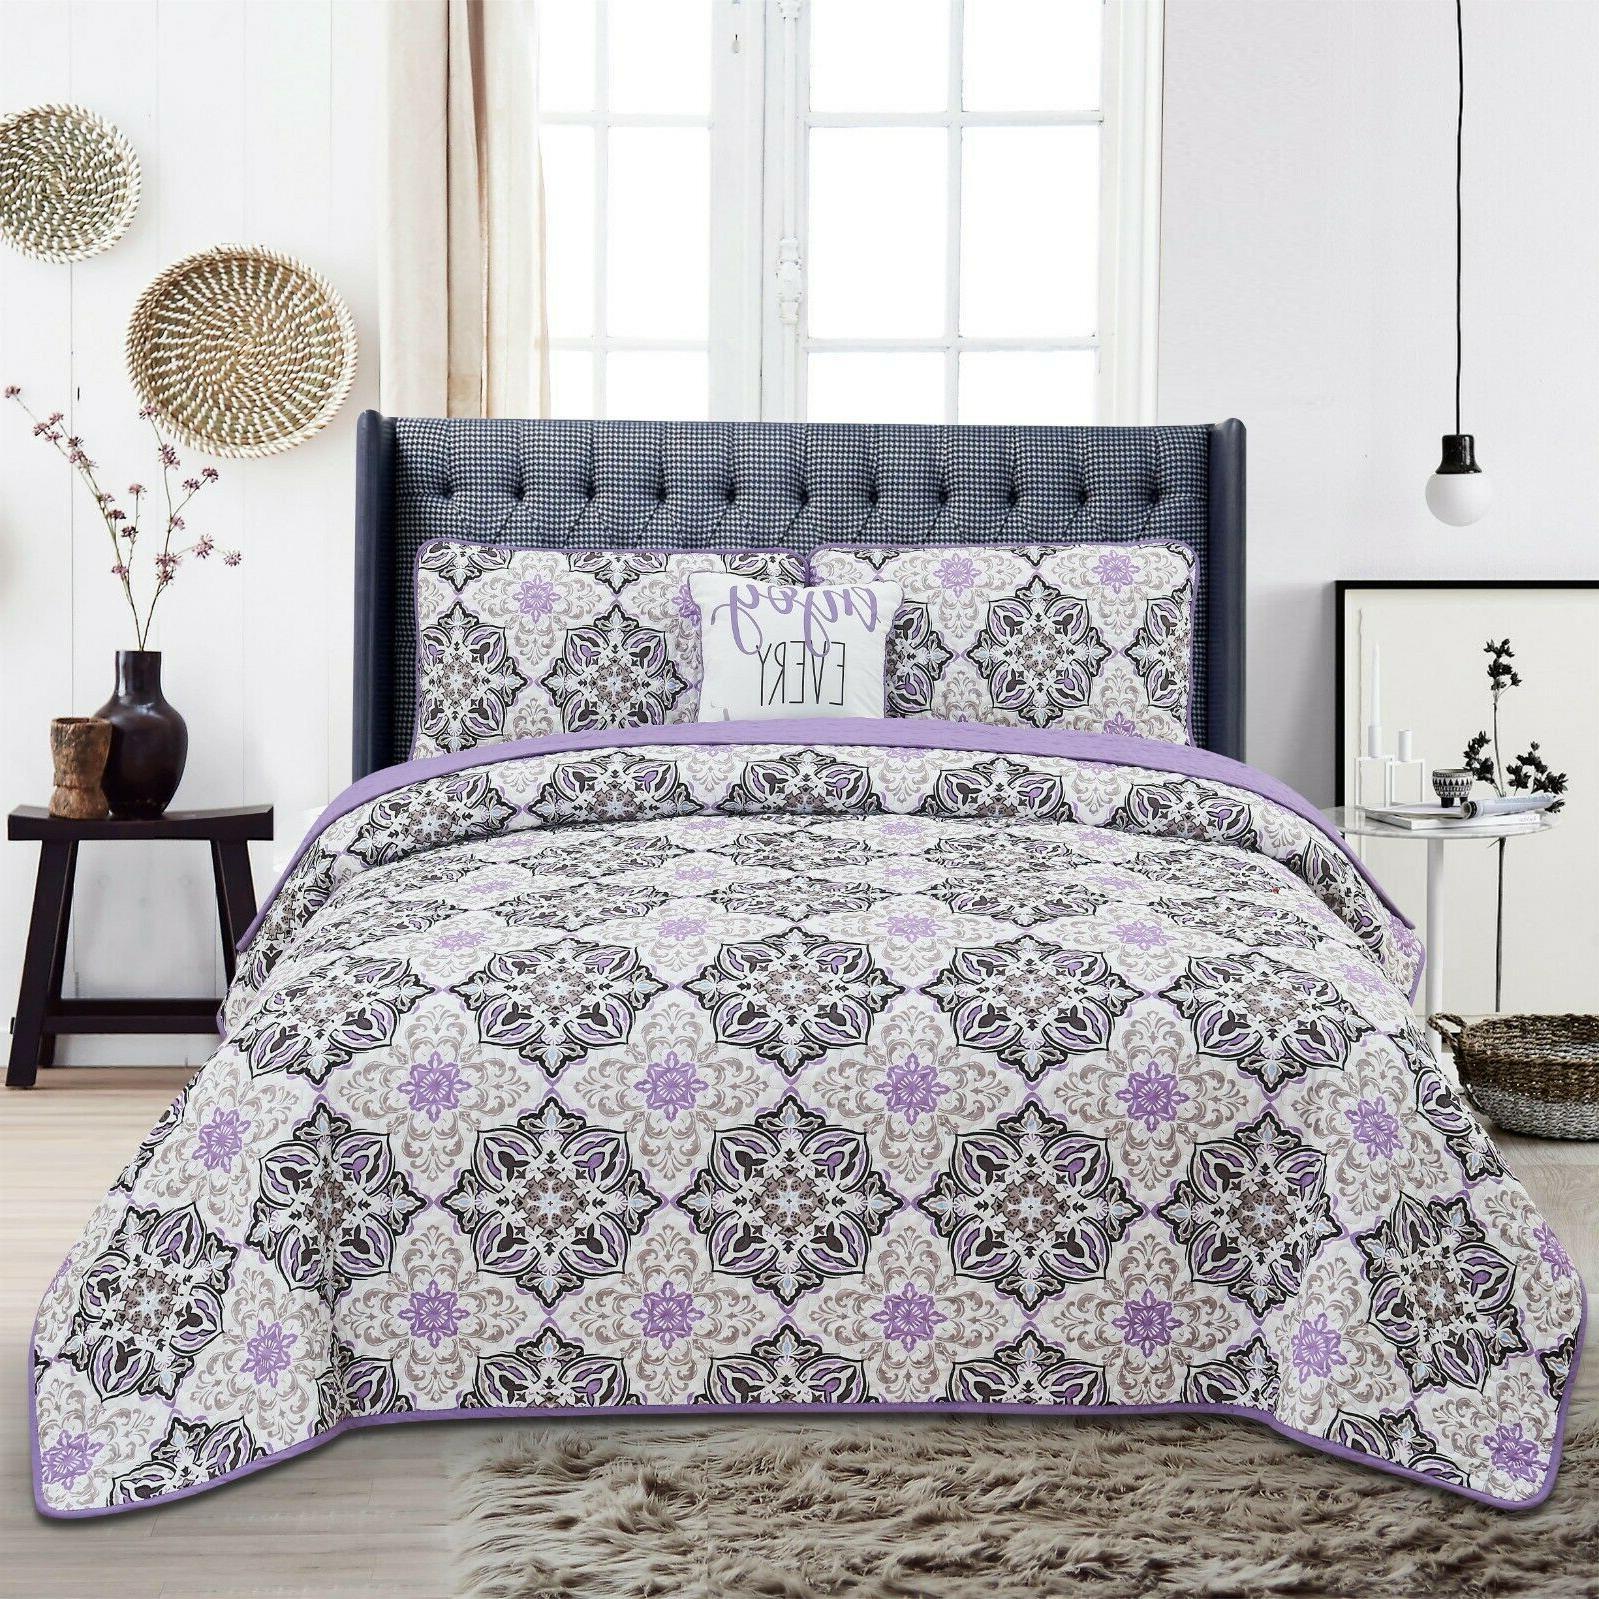 Queen Quilt Bedding Printed Pattern 4 Piece Quilt Set Bedding Set